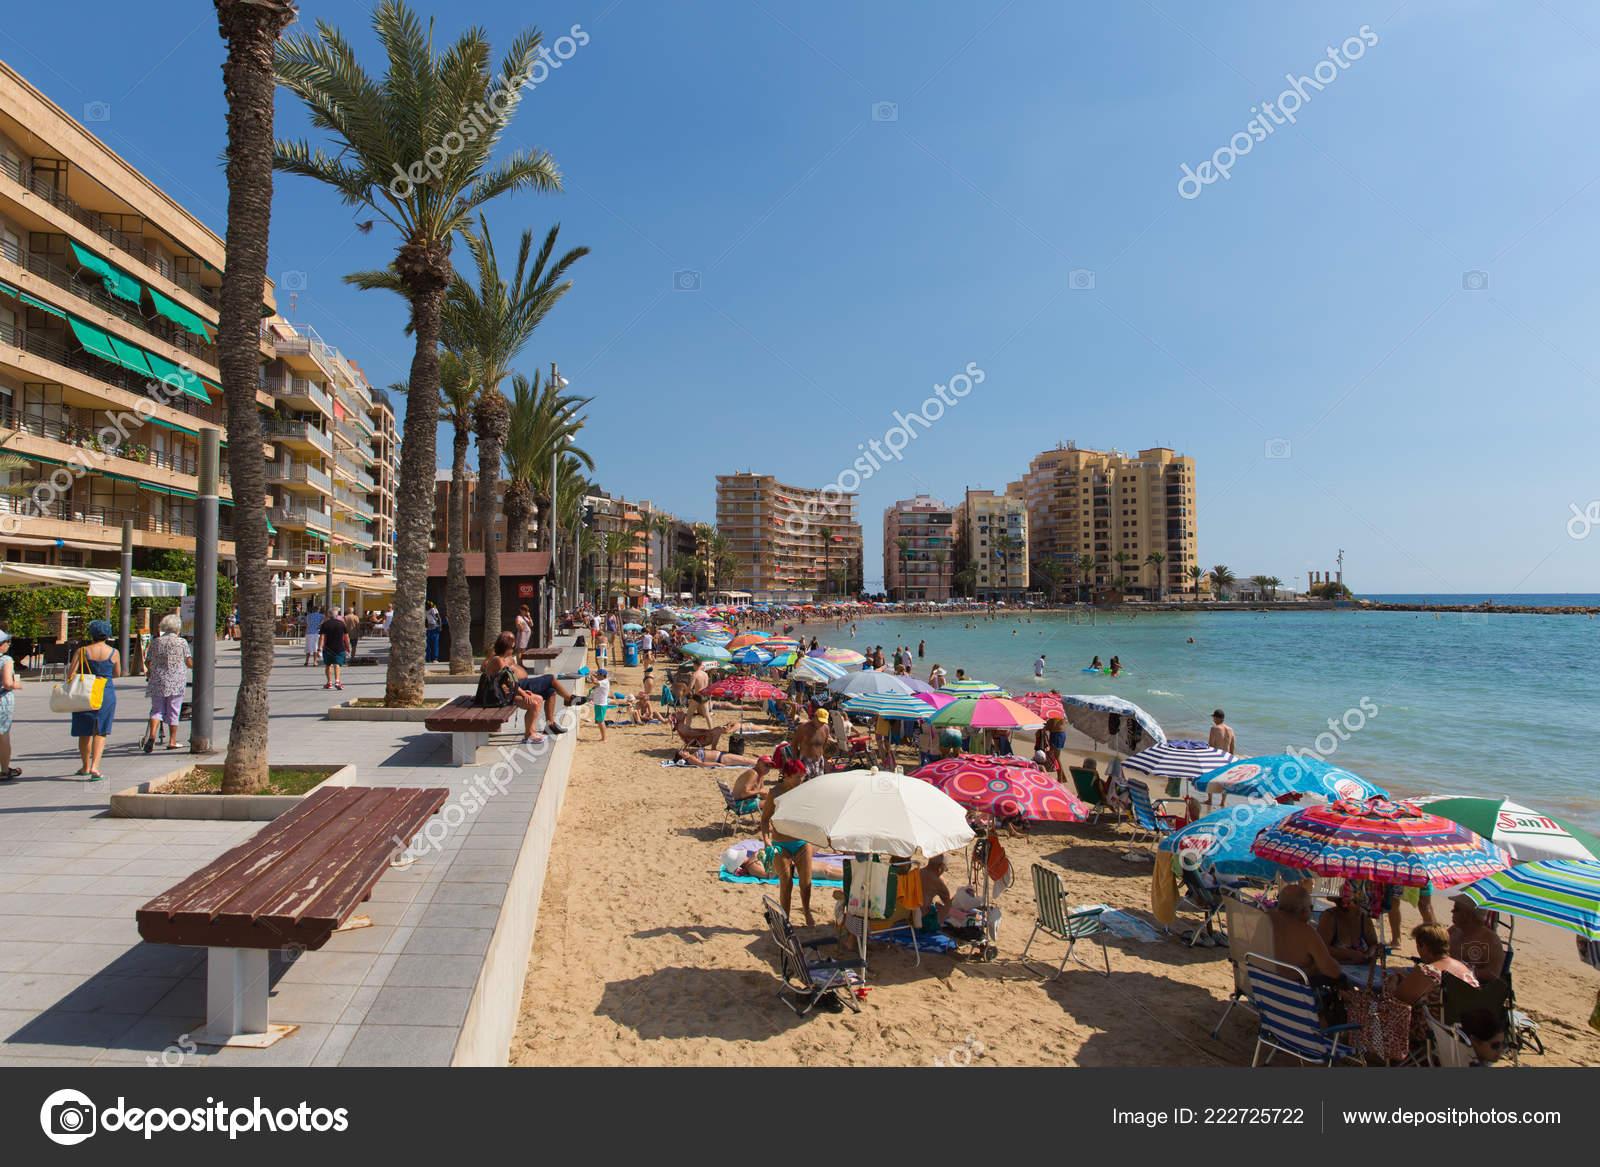 Ongekend Prachtige Spaanse Weer Trok Mensen Naar Het Strand Zee Torrevieja DO-78